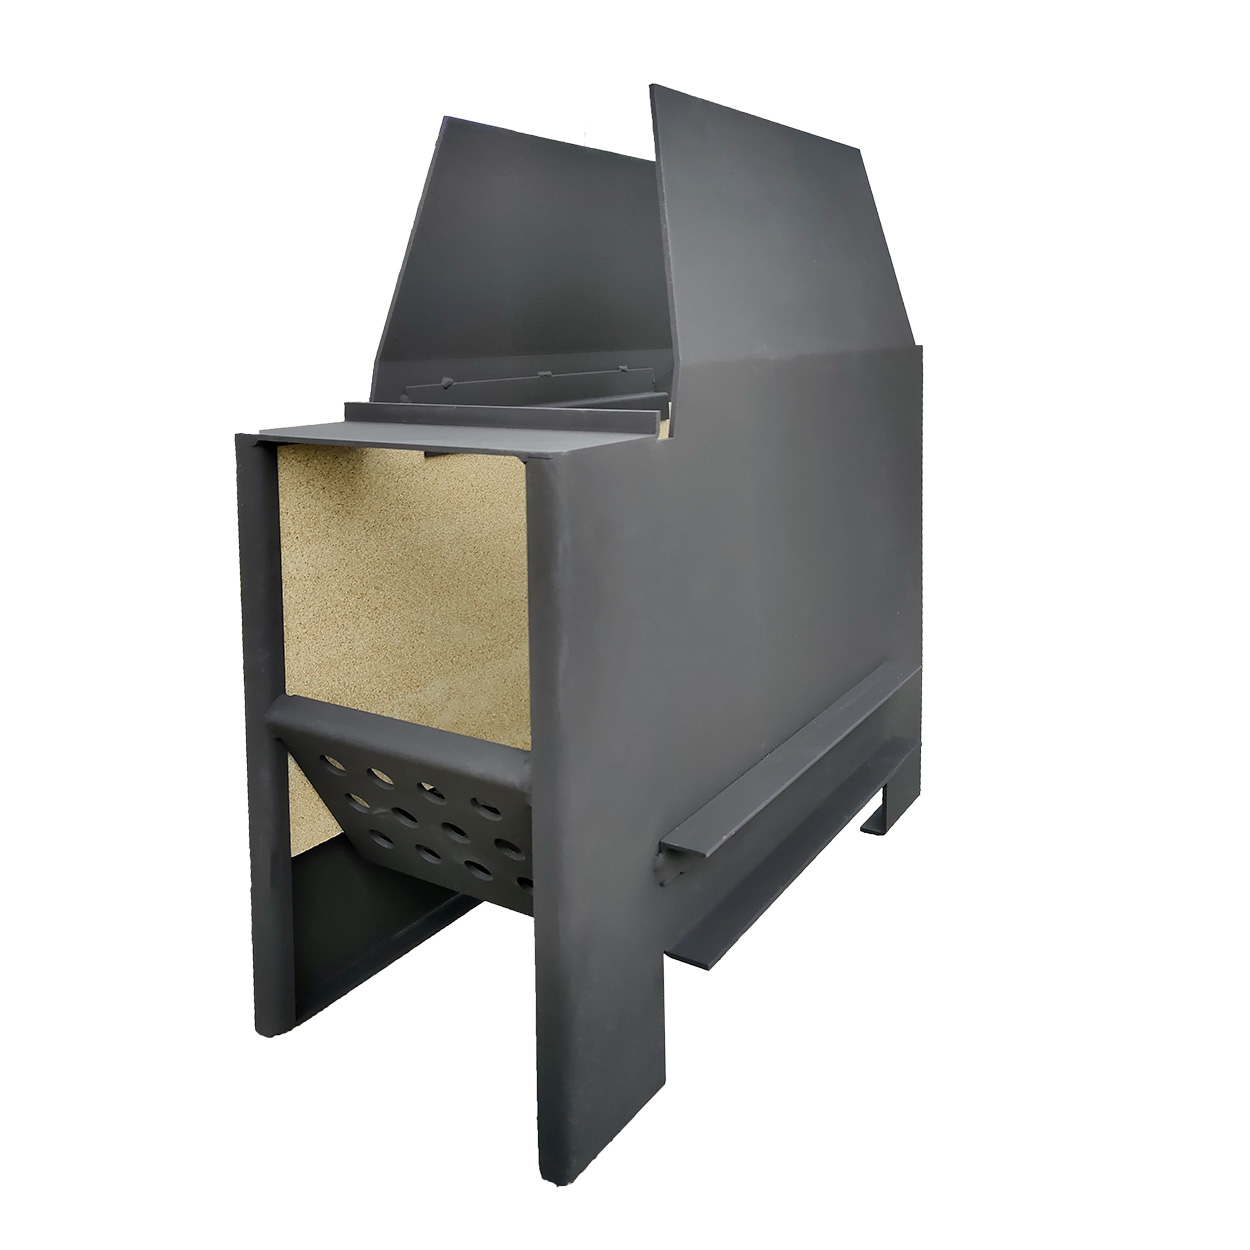 Kit fuoco - Brucialegna con protezione - Accessori Barbecue